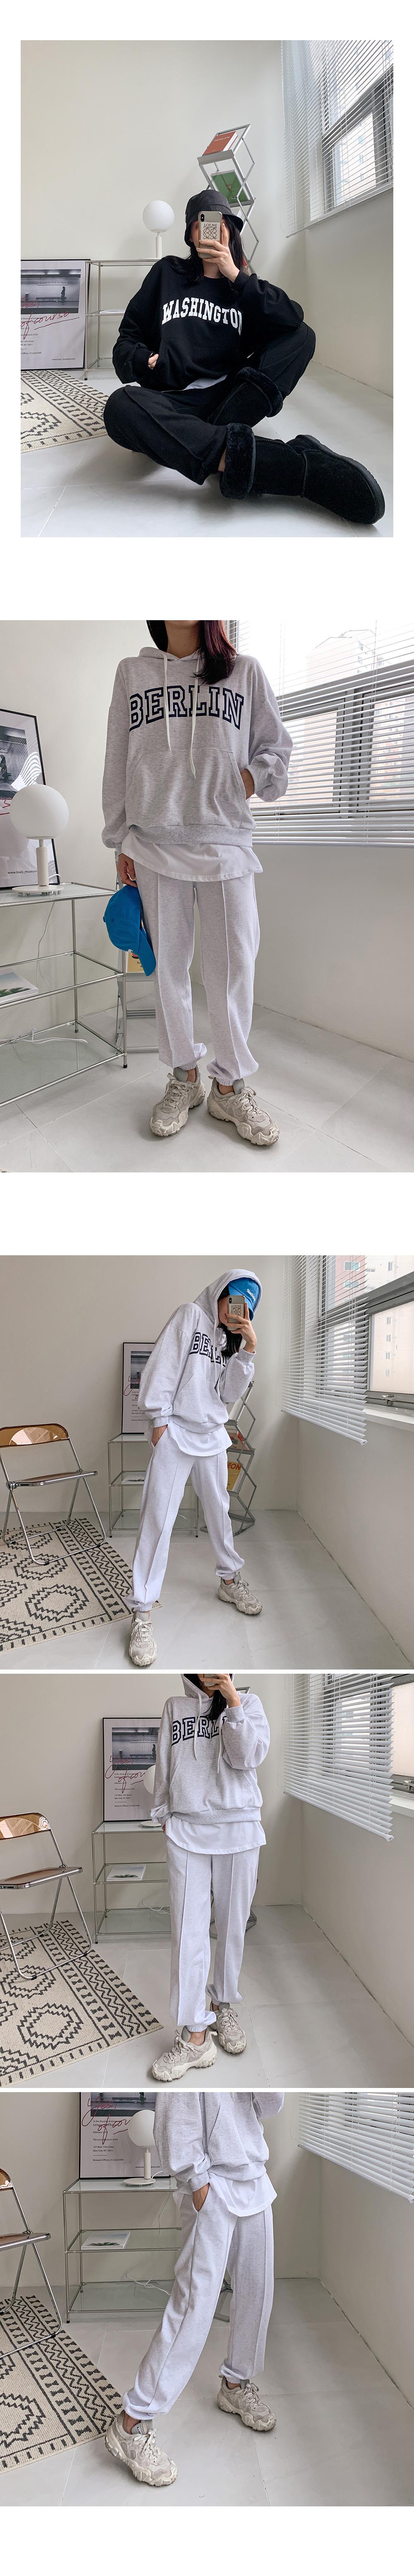 수영복/속옷 모델 착용 이미지-S2L6